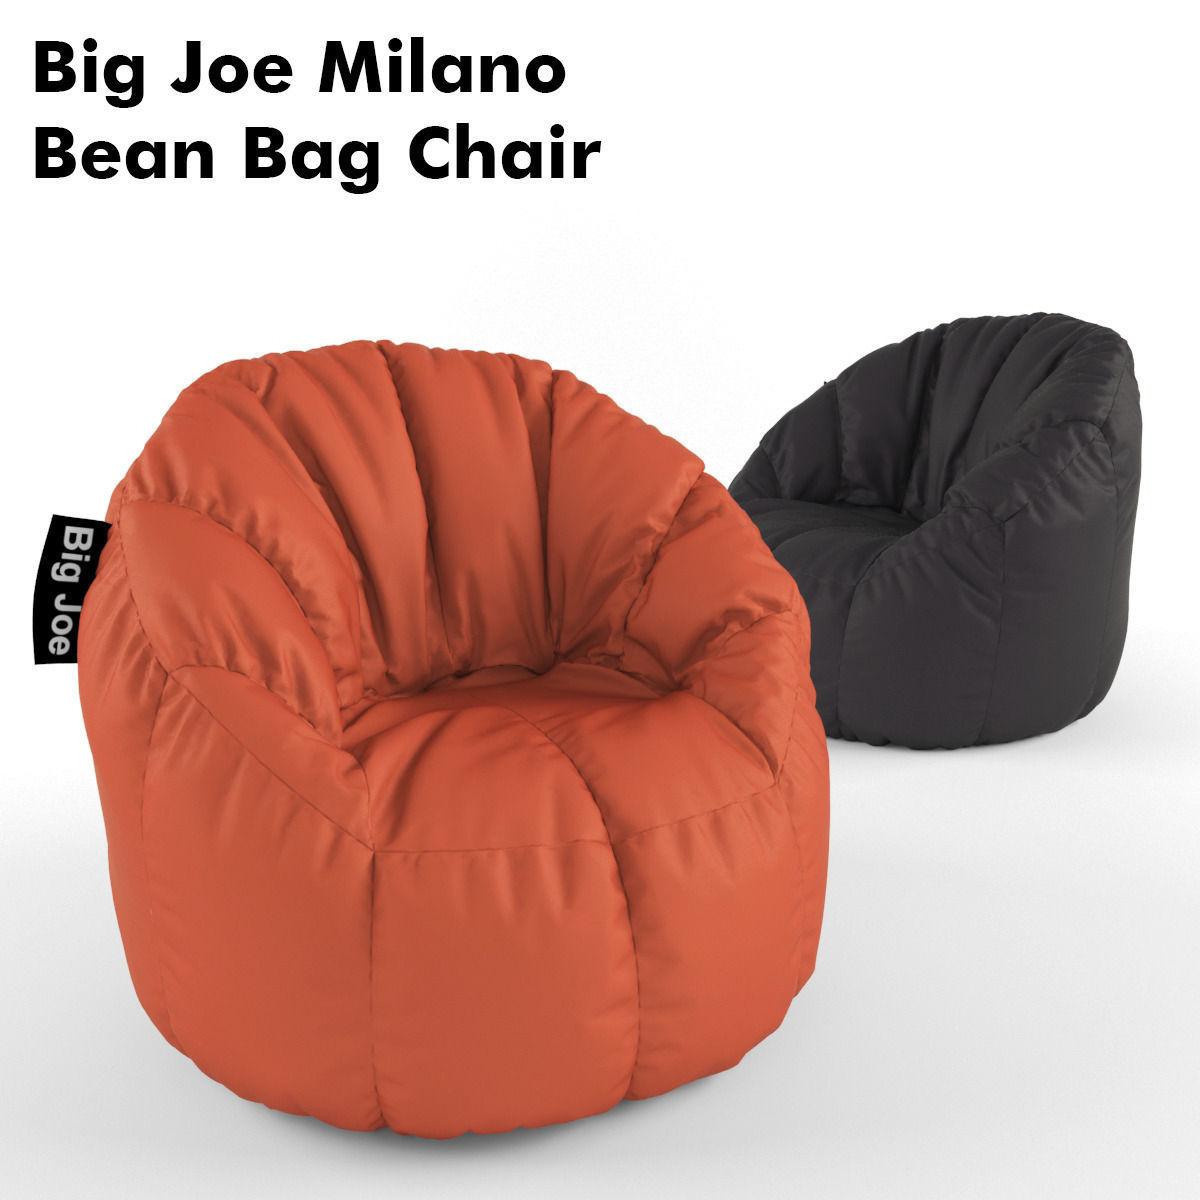 Big Joe Milano Bean Bag Chair 3d Model Max Fbx 1